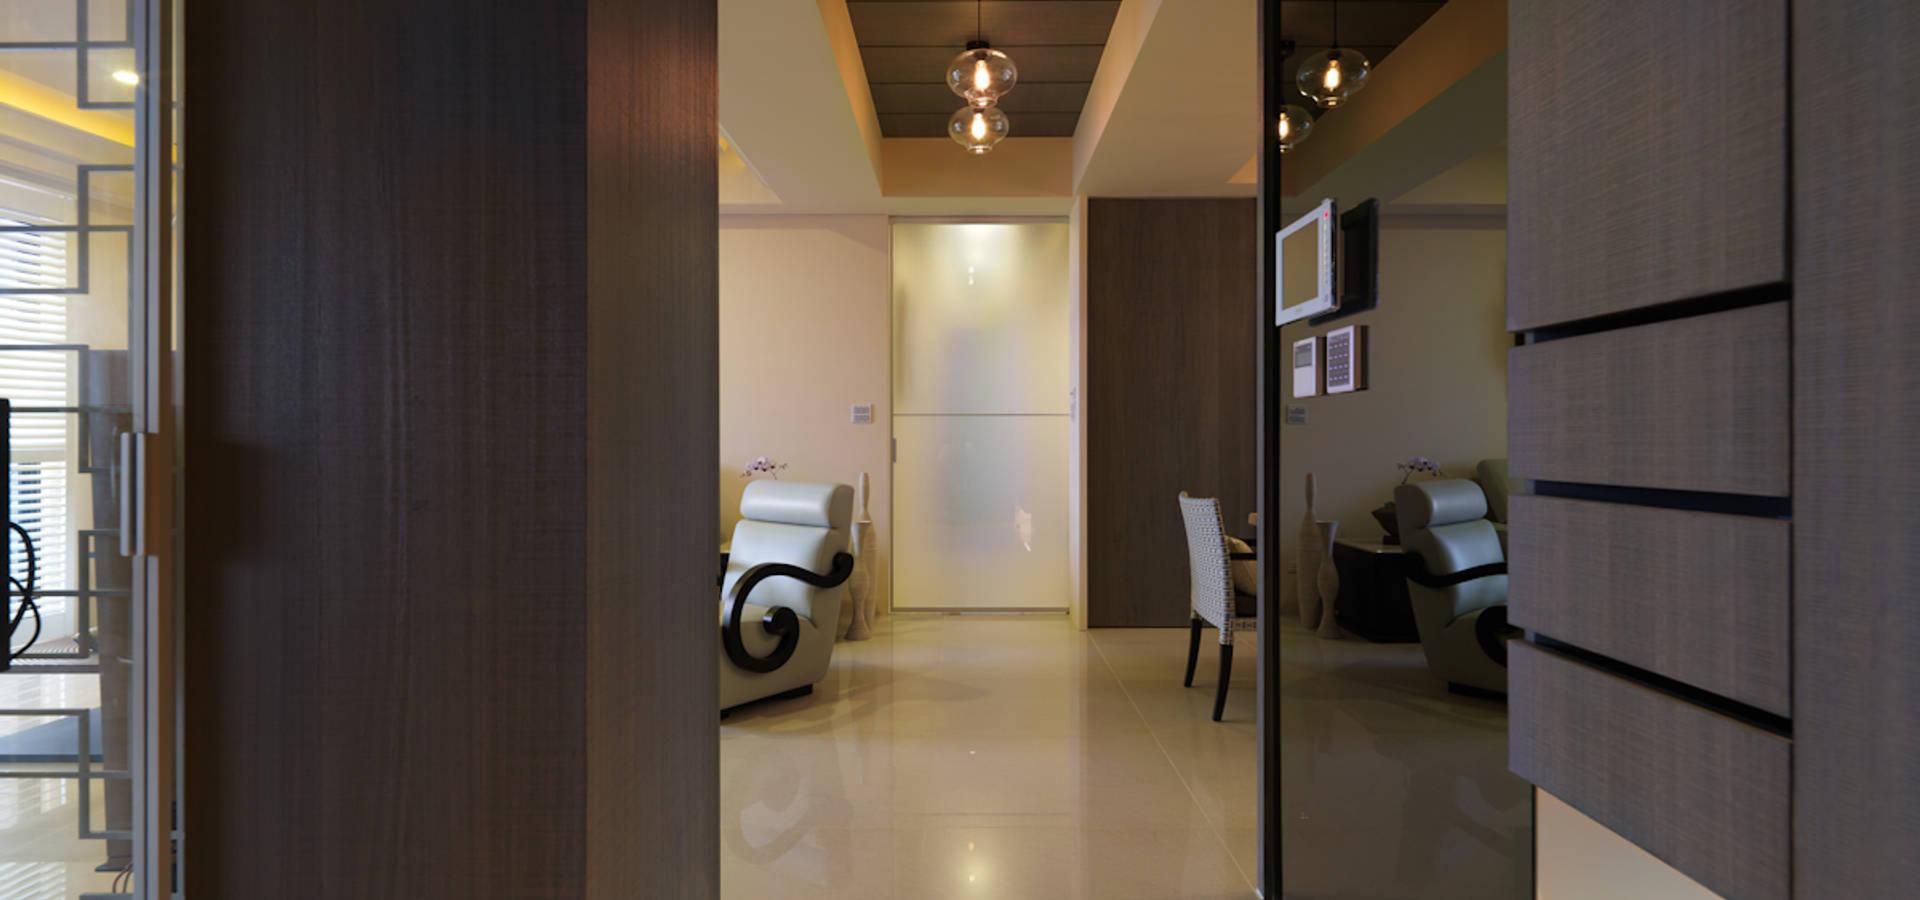 李正宇創意美學室內裝修設計有限公司